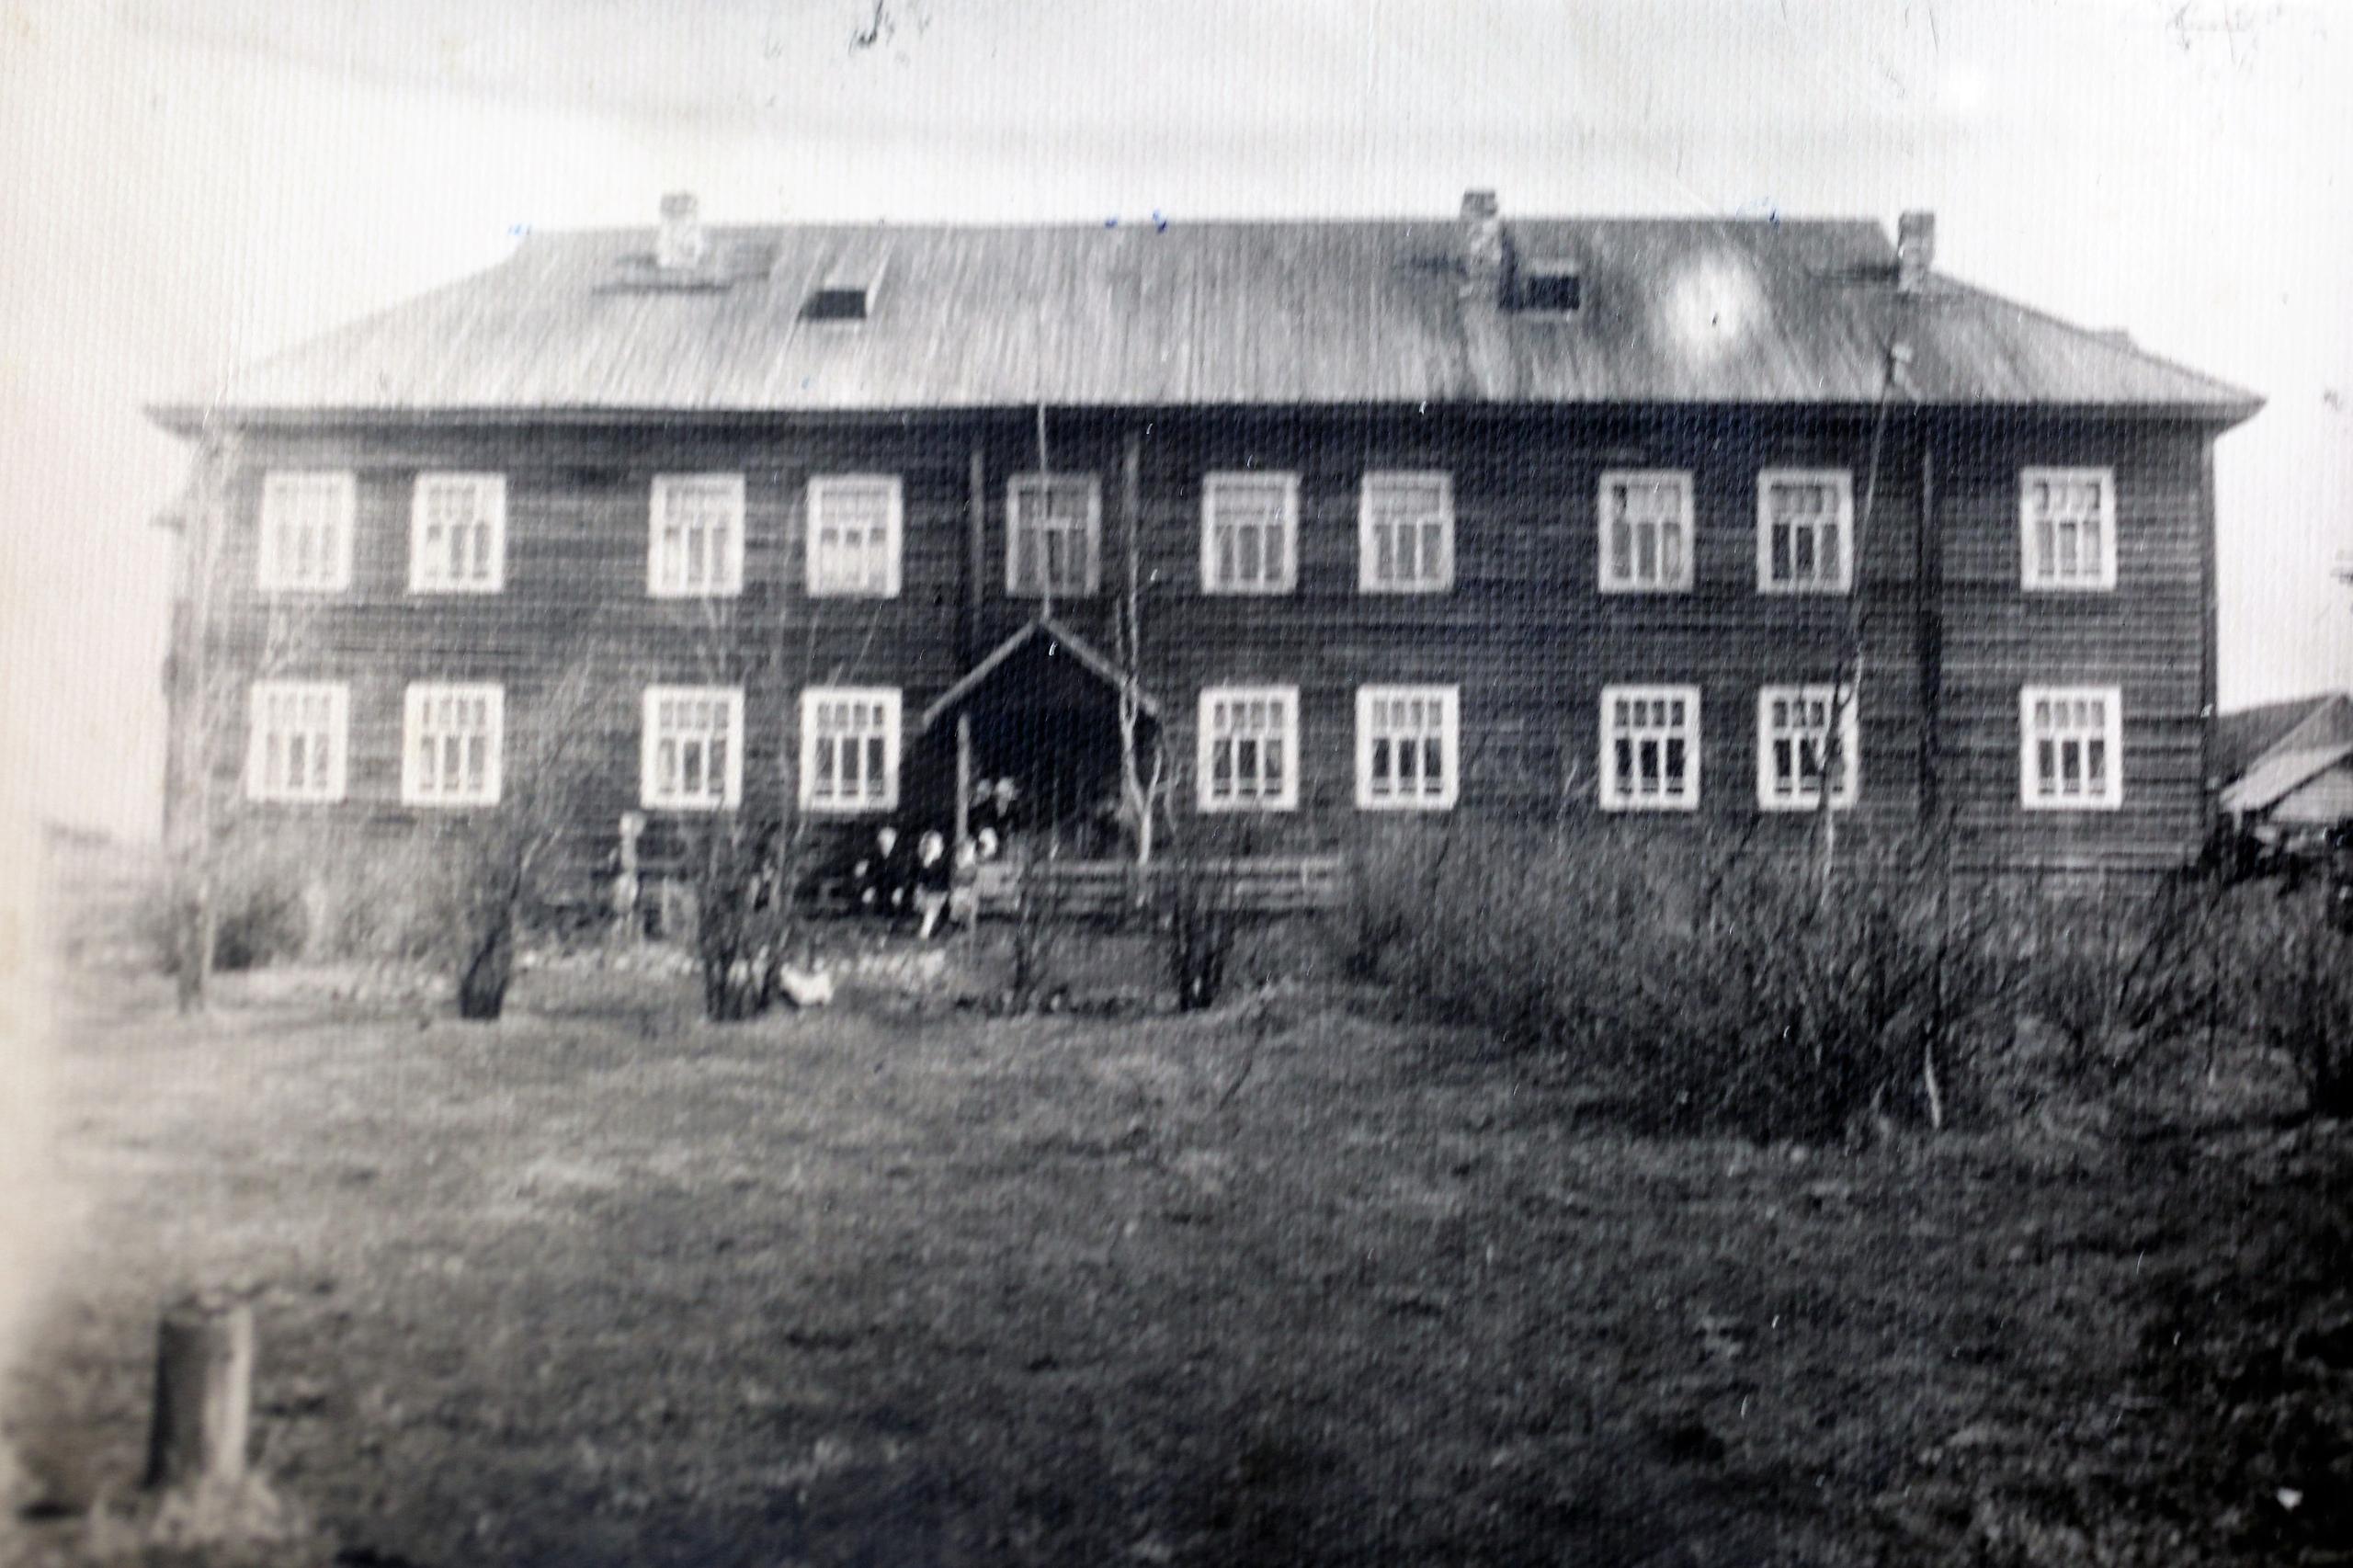 Фото начала 1960-ых годов, здание Дома инвалидов